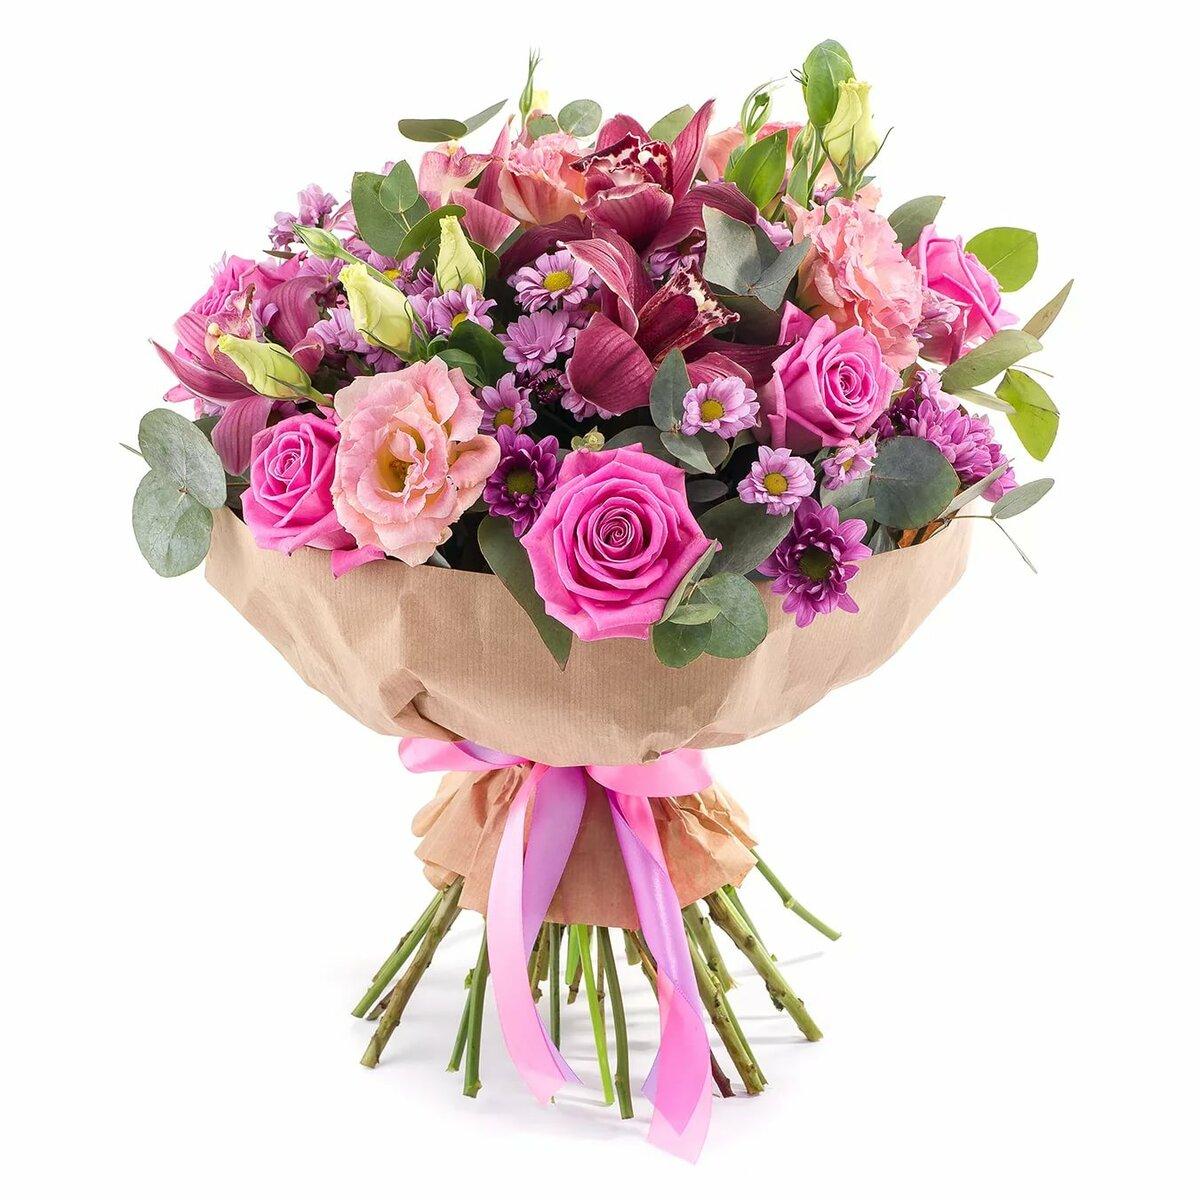 Цветы кемерово, цветы для букетов недорого